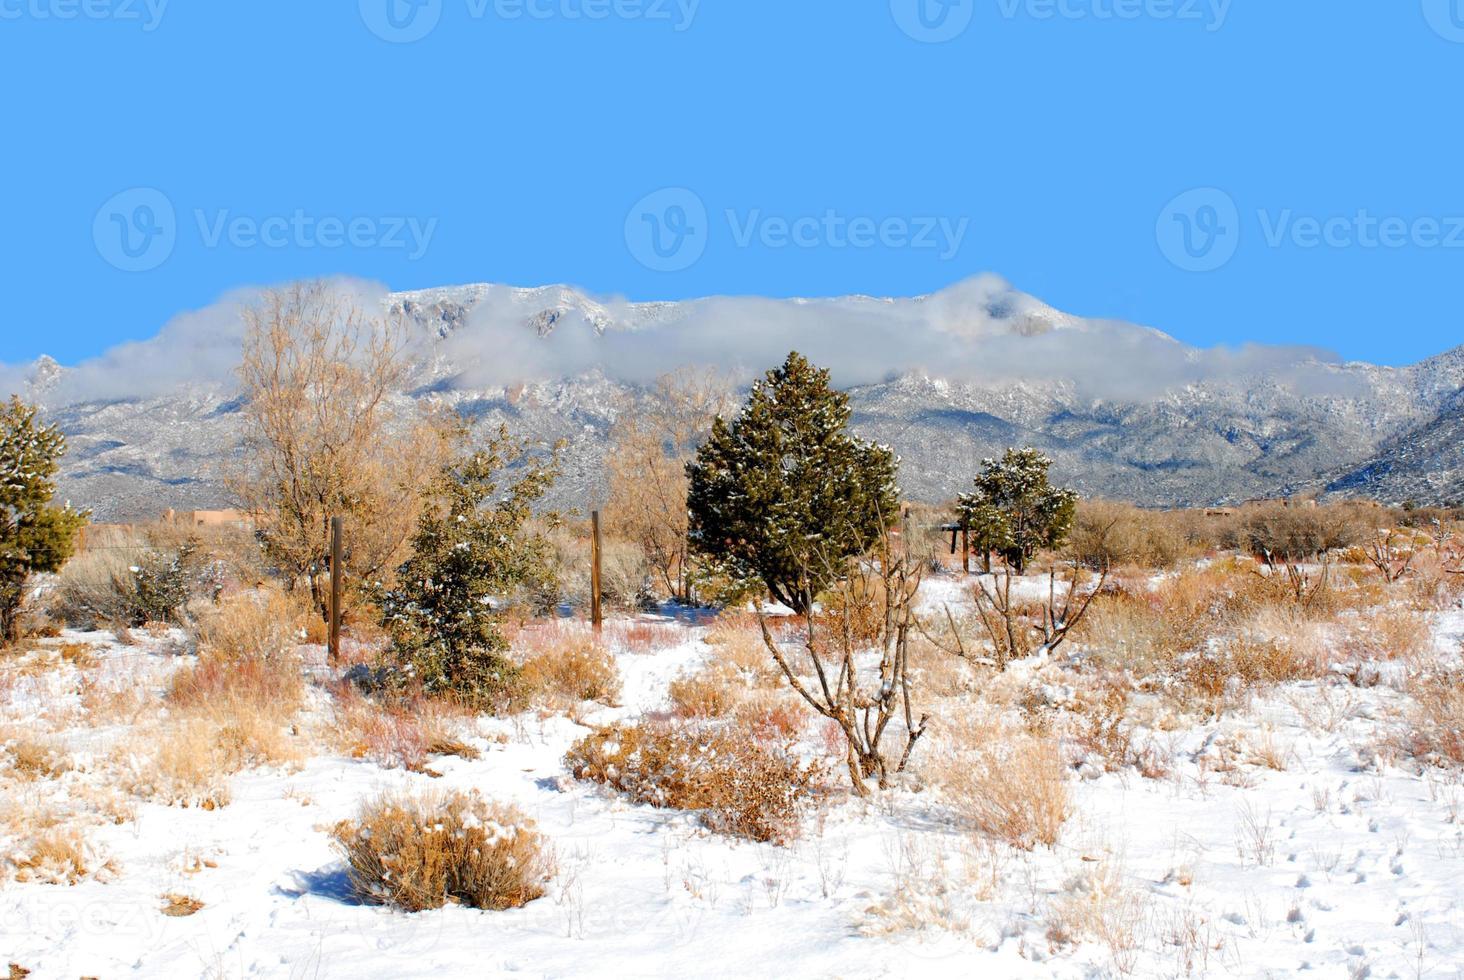 Snow on the Sandias photo